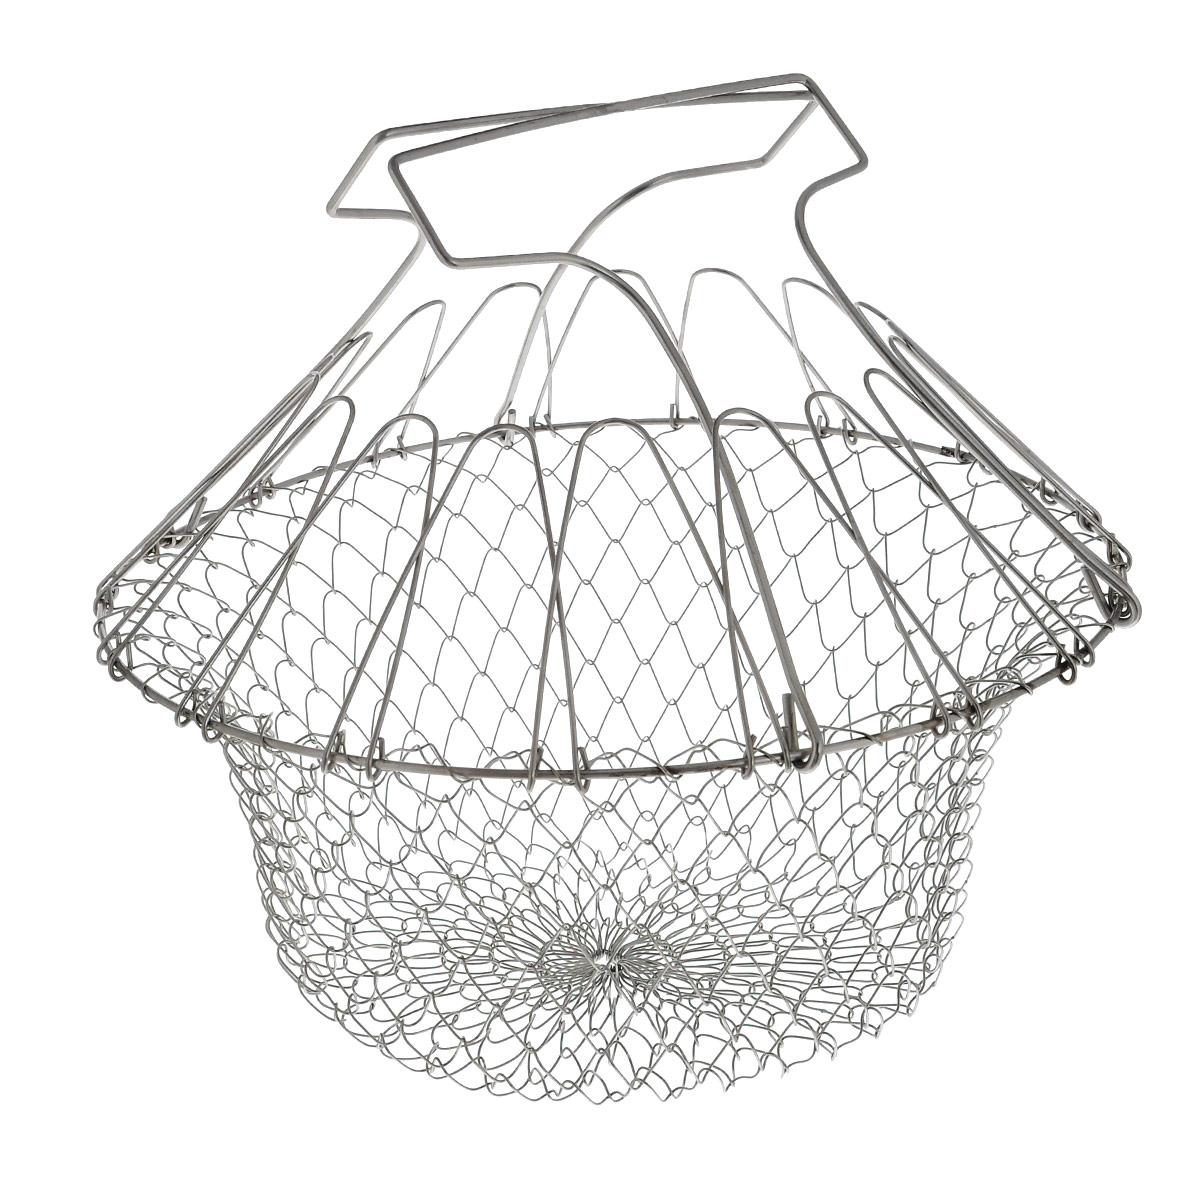 Решетка для приготовления пищи Bradex Chef Basket, складная93-PE-DS-7Решетка Bradex Chef Basket изготовлена из высококачественной нержавеющей стали. Это совершенно удивительное устройство со множеством функций заменит собой пароварку, жаровню, дуршлаг и прочую кухонную утварь значительного размера. Форма для варки и жарки - с поднятыми ручками решетка позволяет вам сложить в нее ингредиенты, и варить прямо в кастрюле. Идеальный вариант для варки яиц, макарон, пельменей и других продуктов. После окончания варки вы просто вынимаете решетку из кастрюли, в которой и остается вся вода! Таким же образом вы сможете пожарить картофель фри или рыбу в кляре. Диаметр: 23 см. Размер (в собранном виде): 24 см х 22,5 см х 29 см.Размер (в разобранном виде): 23 см х 23 см х 2 см.